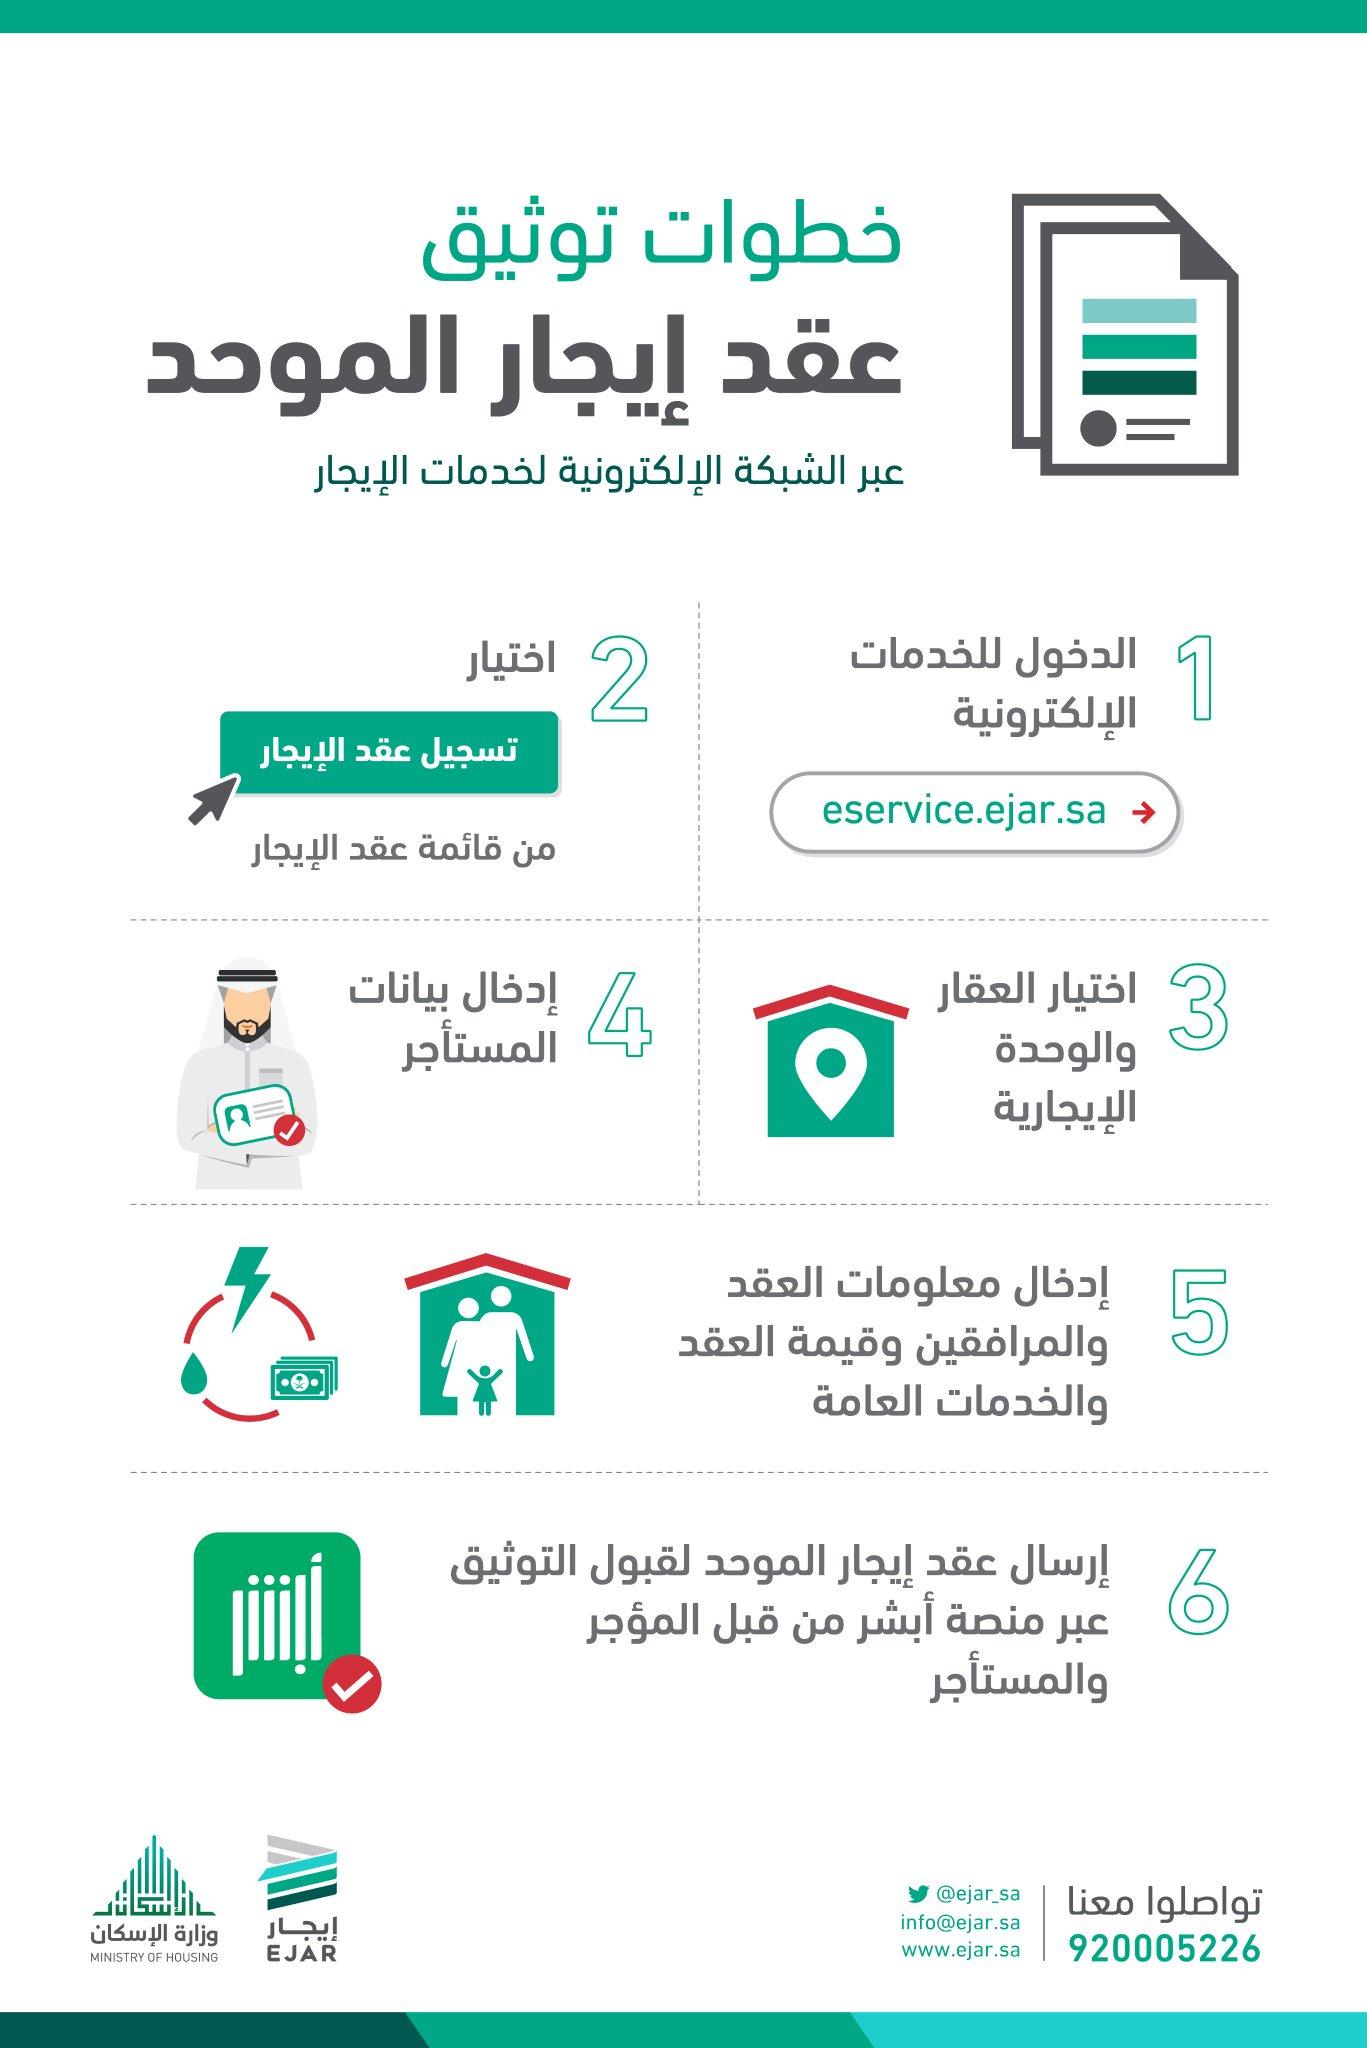 إيجار Na Twitteri تشرح الخطوات التالية كيفية توثيق عقد إيجار الموحد